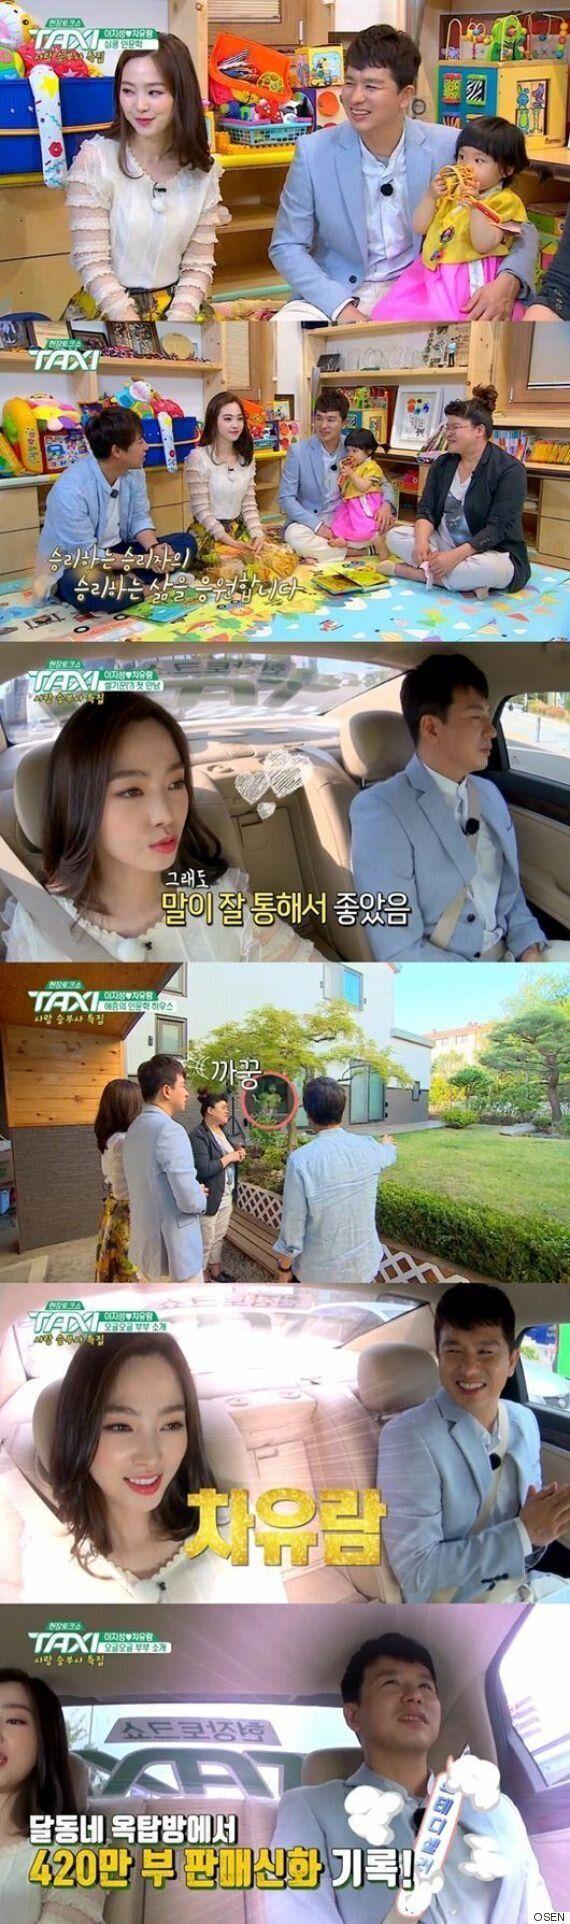 [어저께TV] '택시' 이지성♥차유람, 이상하고 독특한